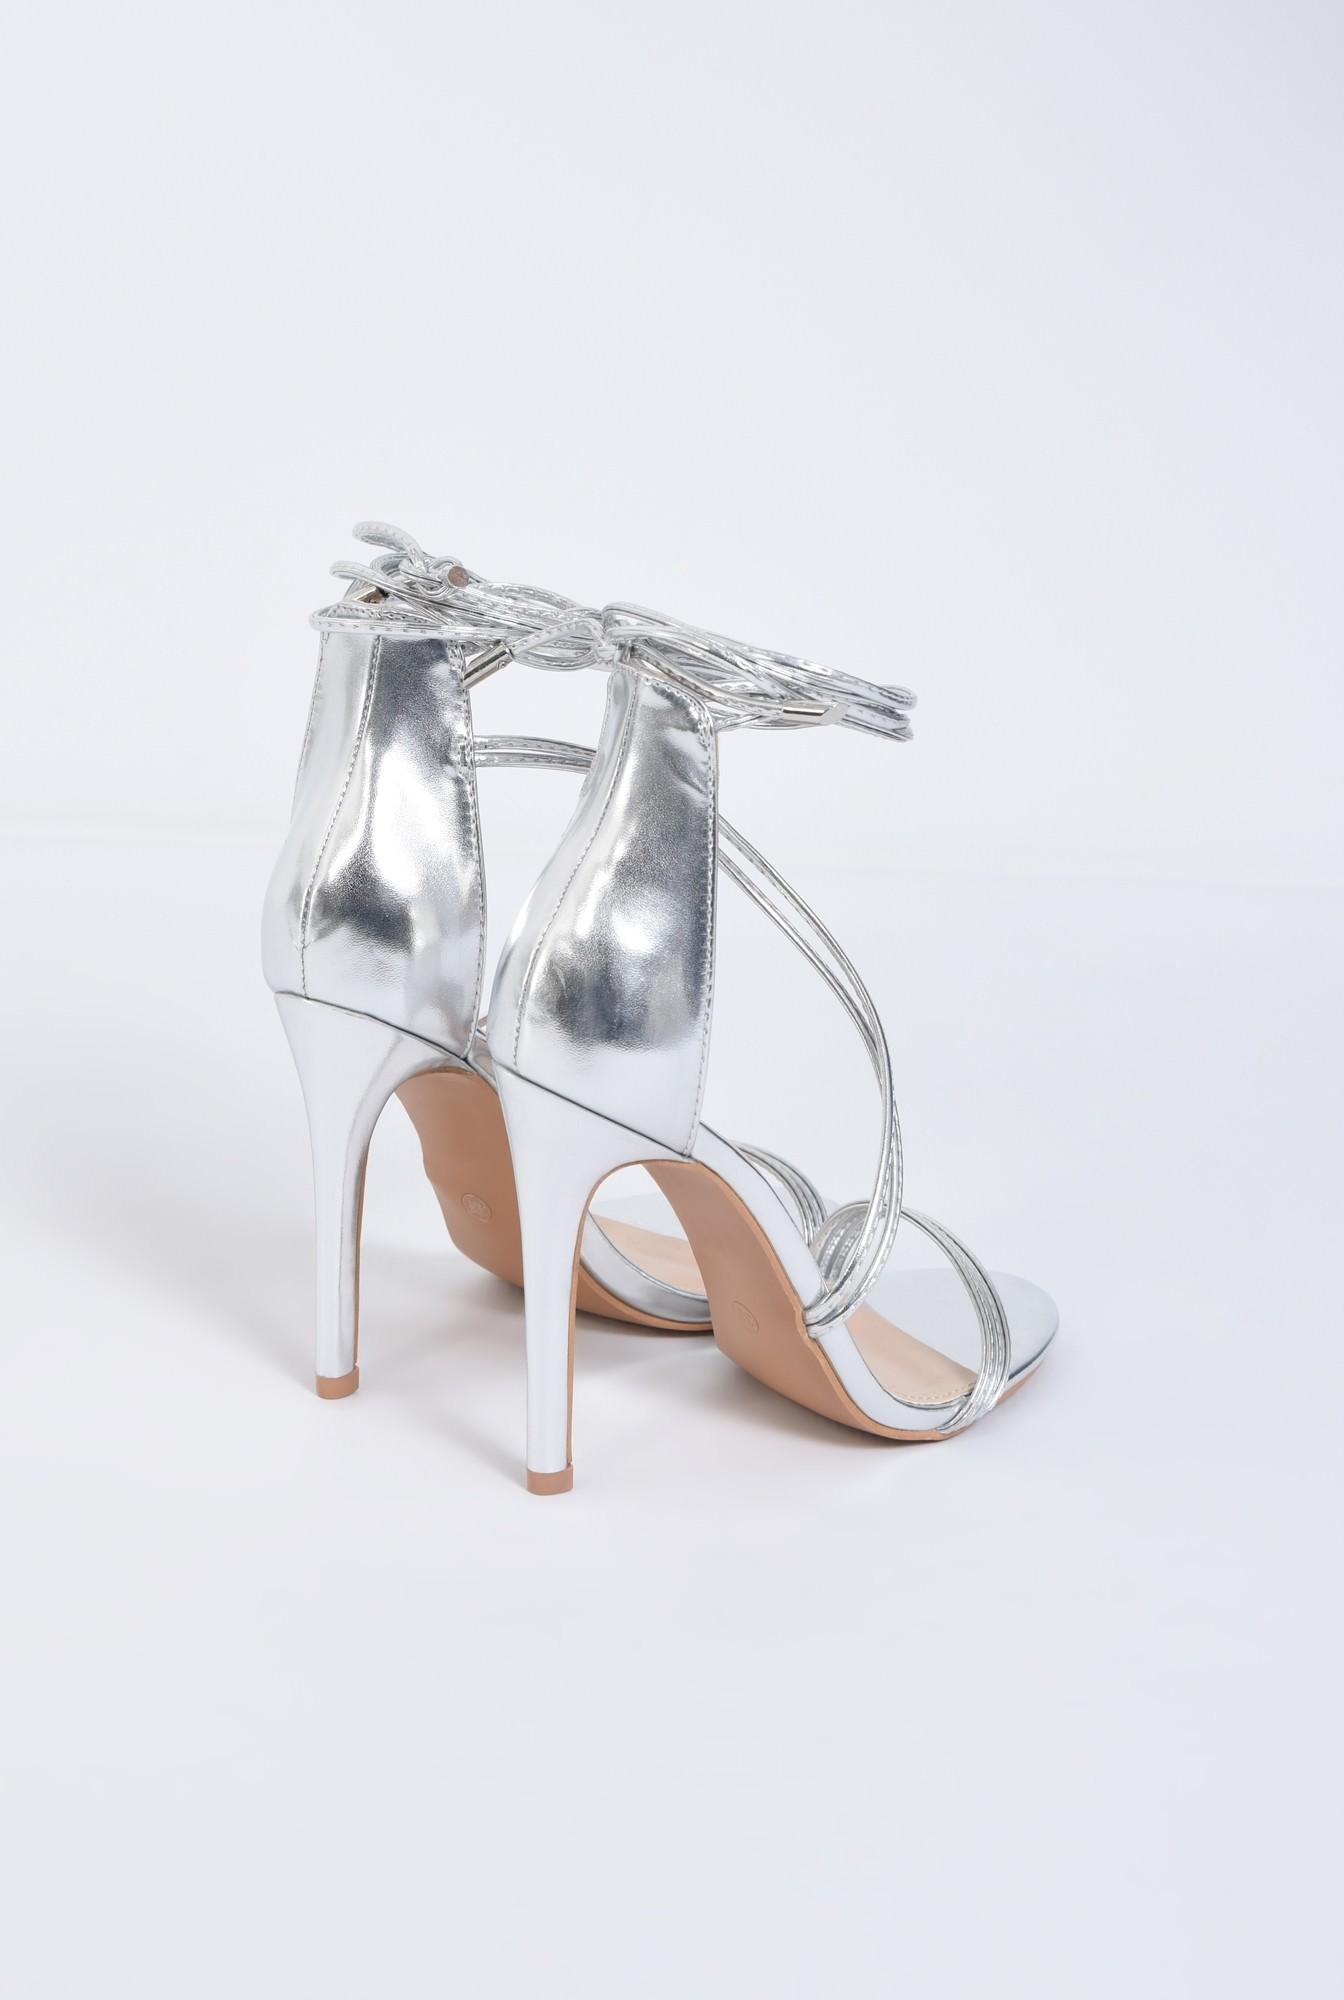 4 - sandale de ocazie, argintiu, metalizat, toc inalt